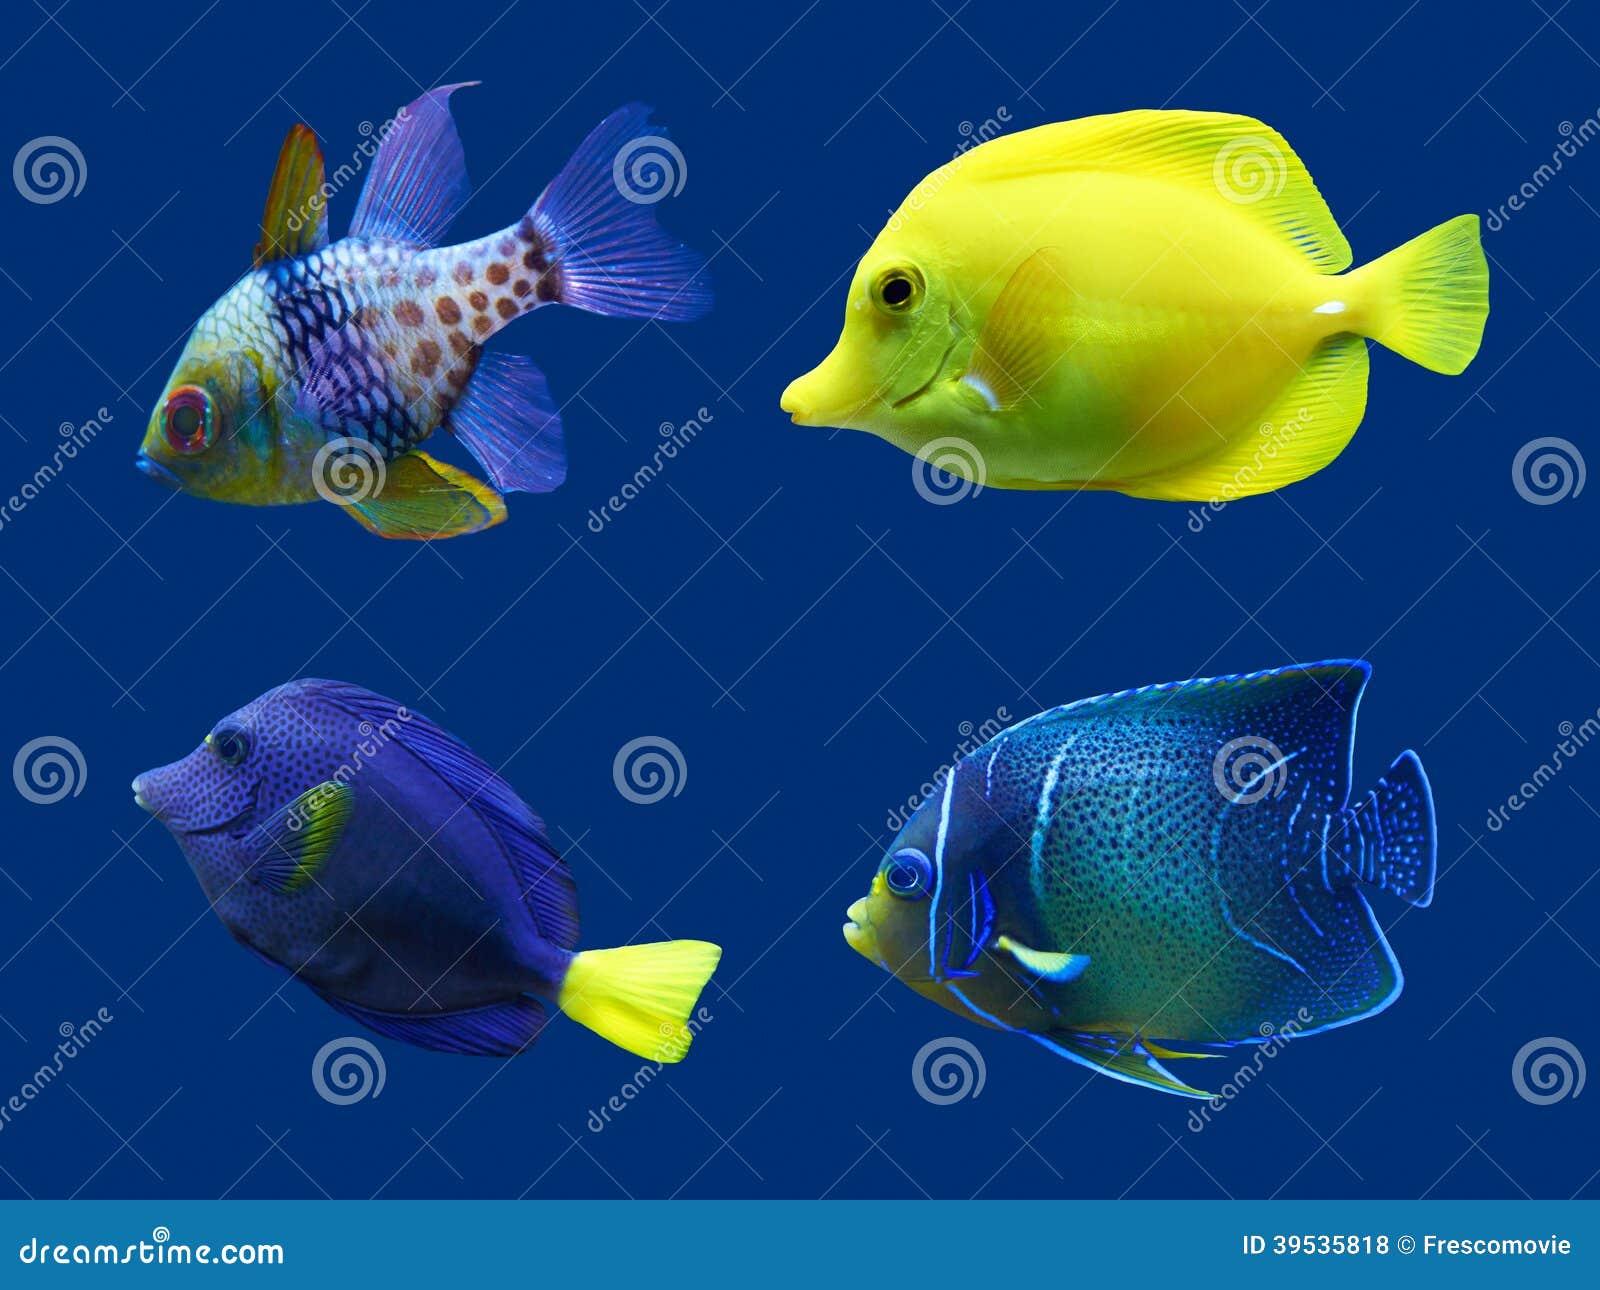 套热带鱼.隔绝在蓝色.hight res.图片